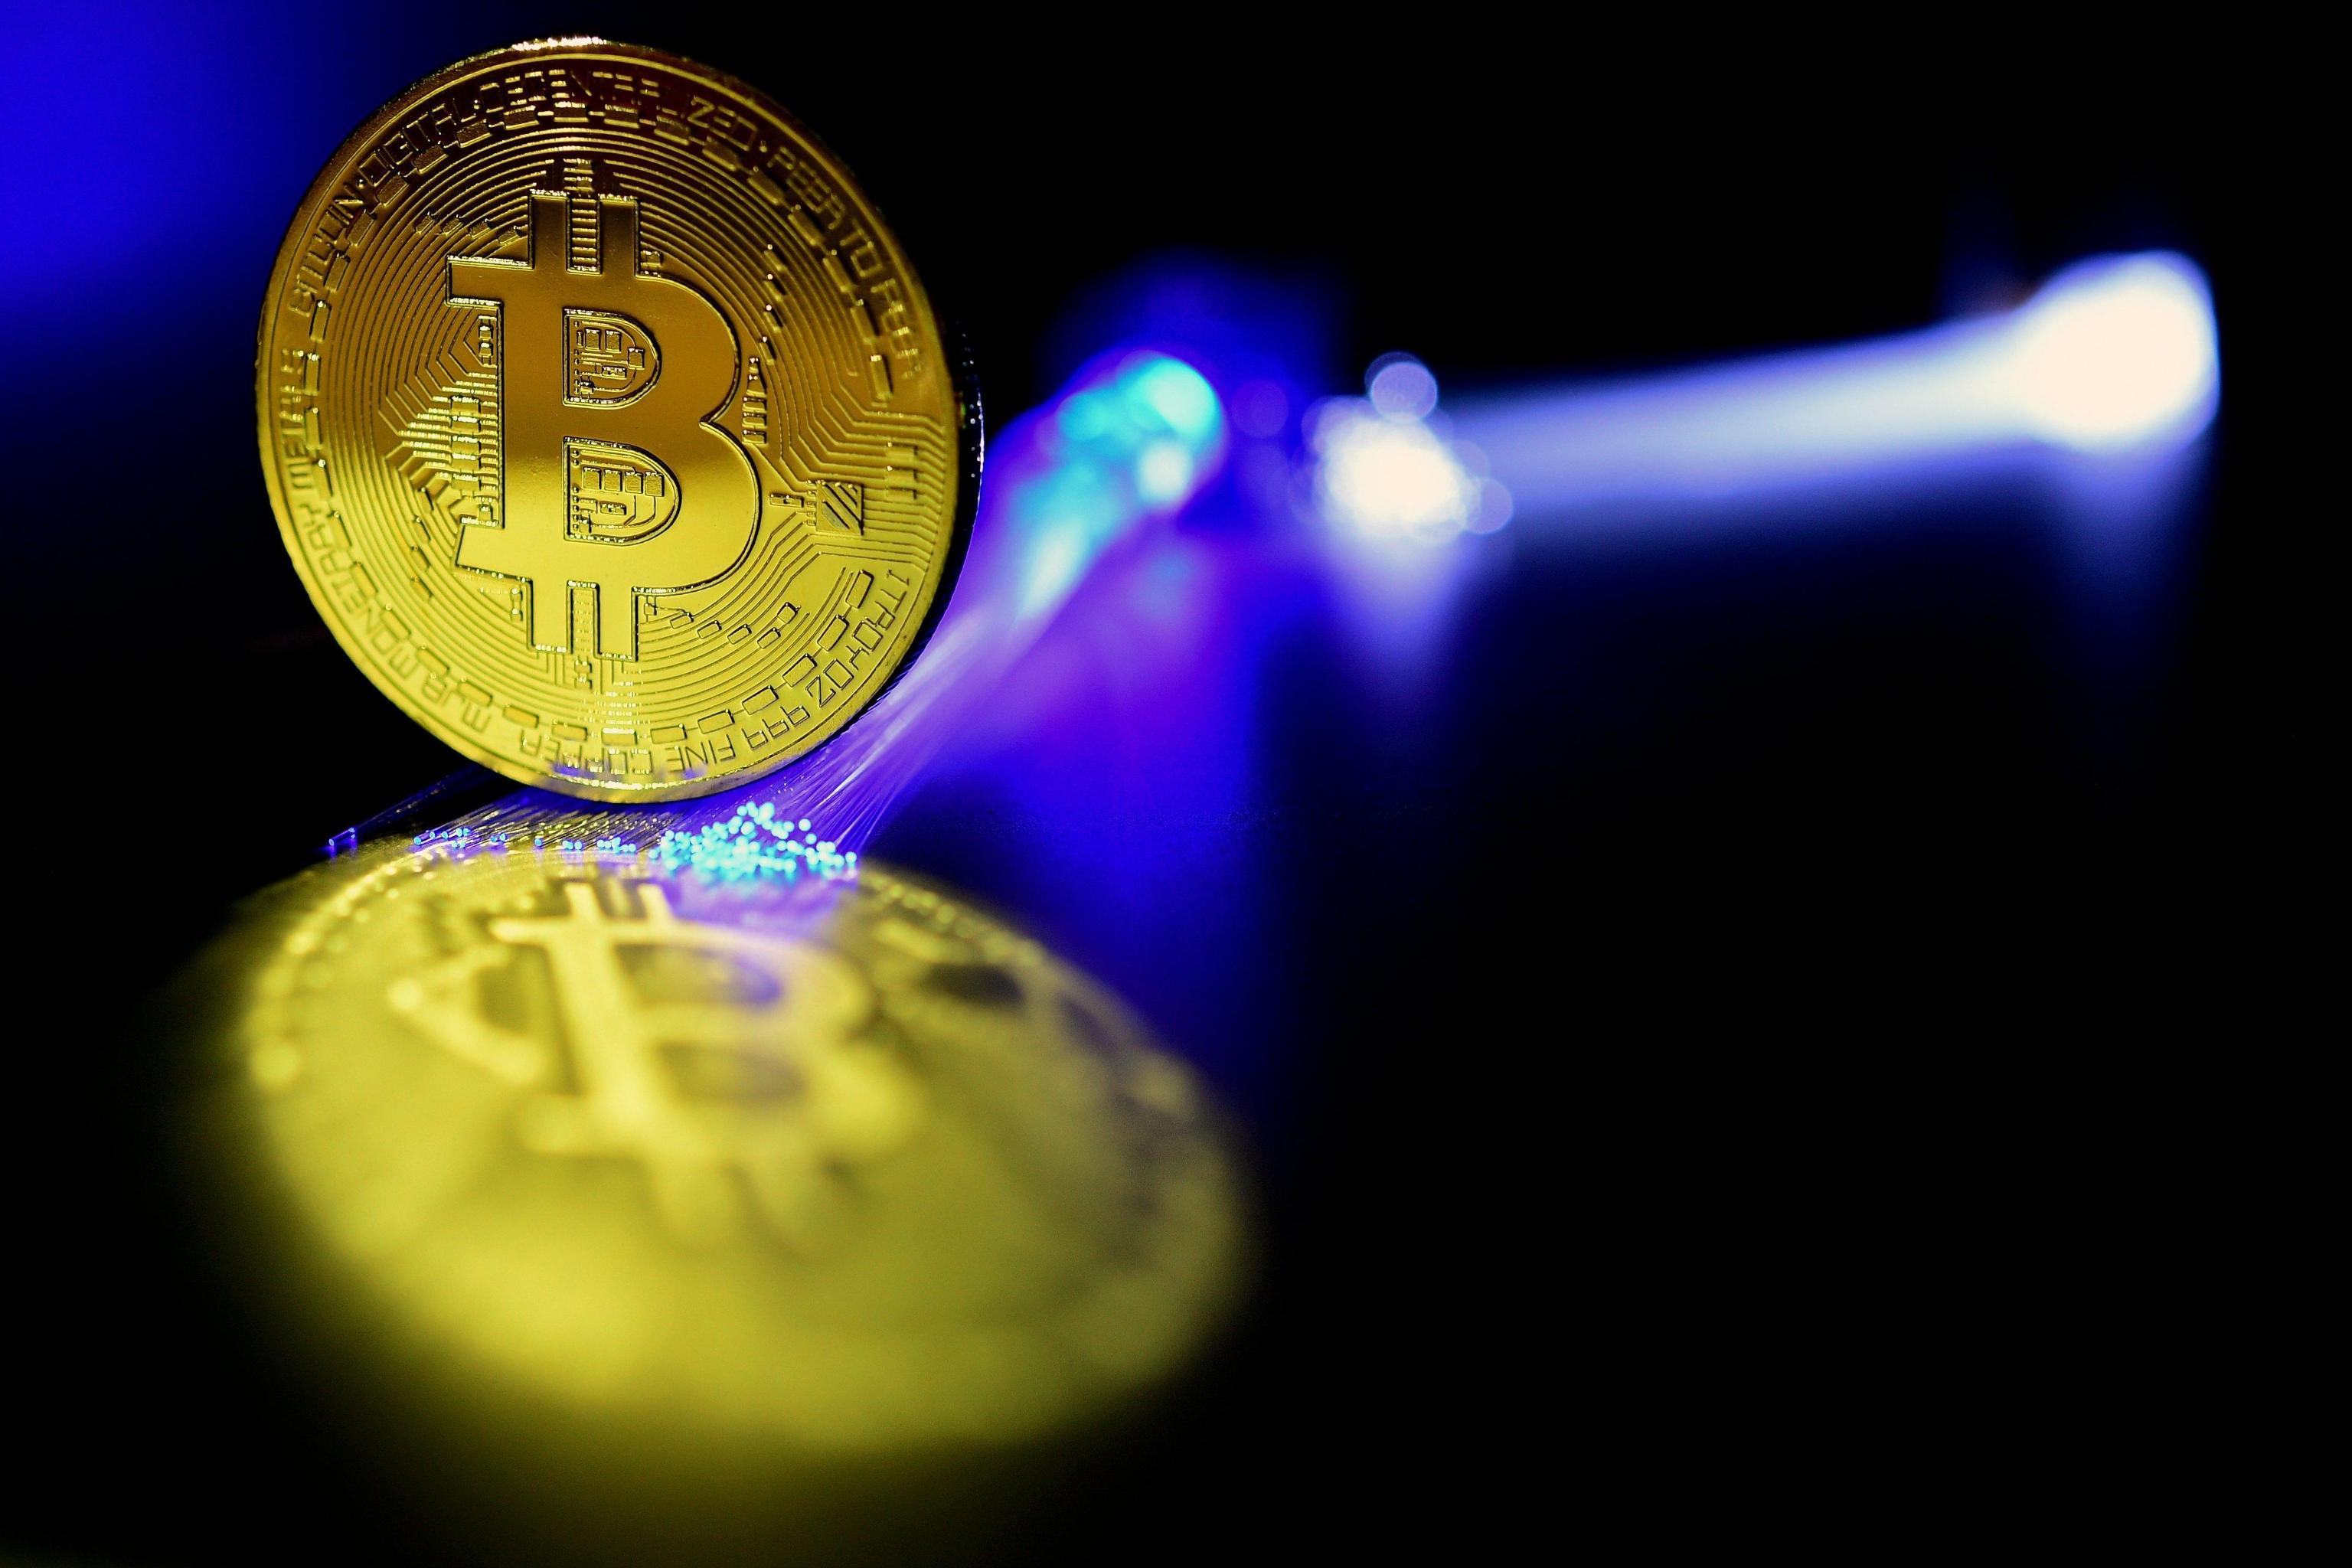 Bitcoin sotto 10.000 dlr, -50% da record